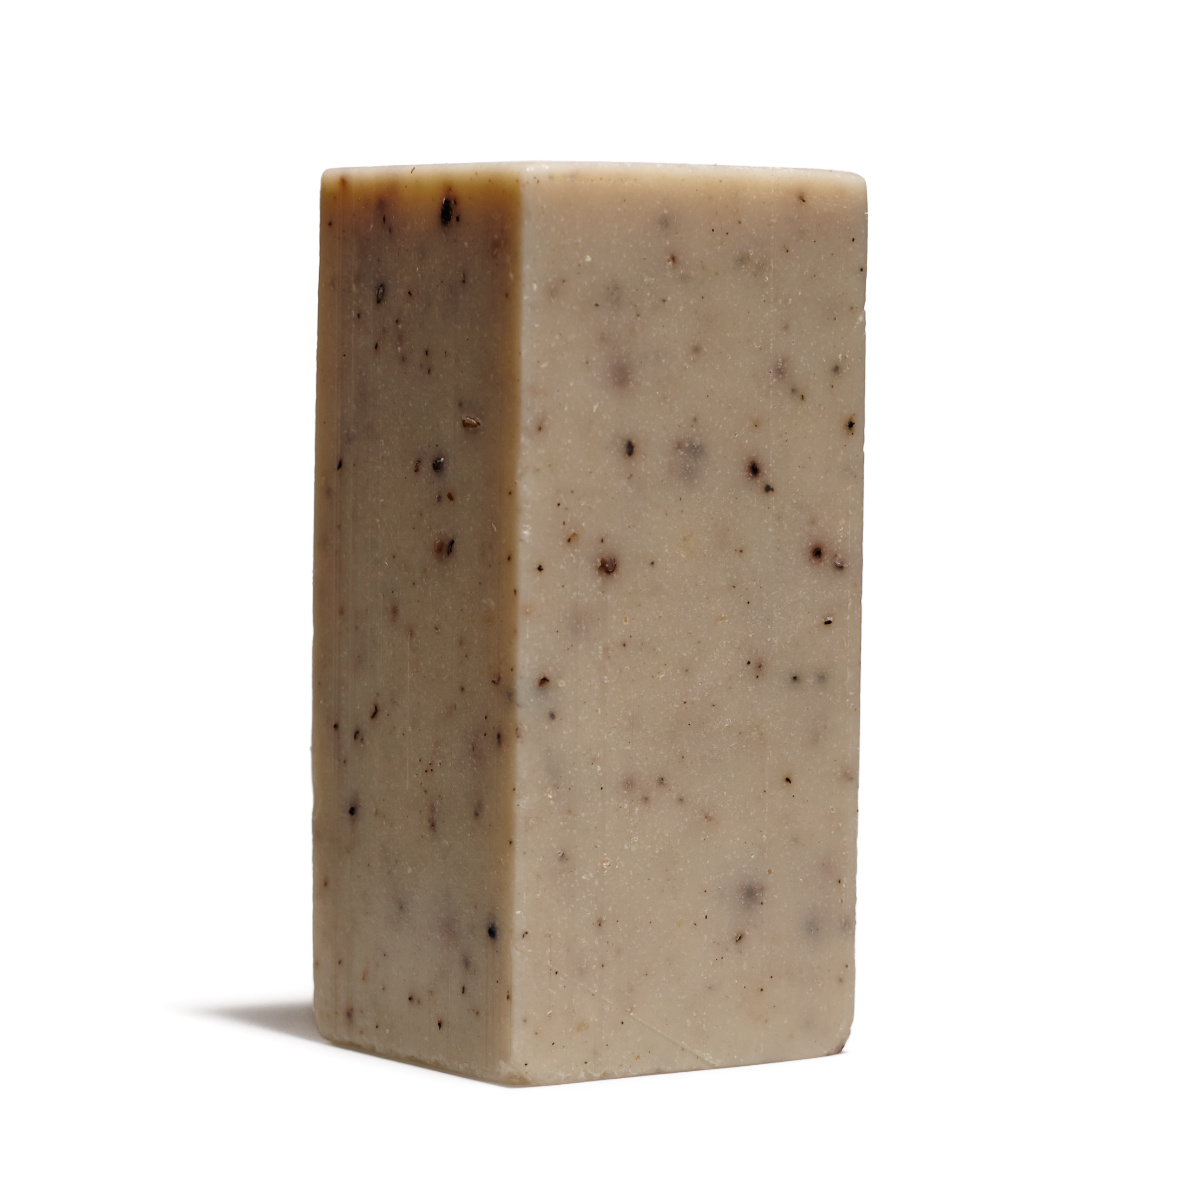 Soap-NOlabel_CAP_092116_120.jpg